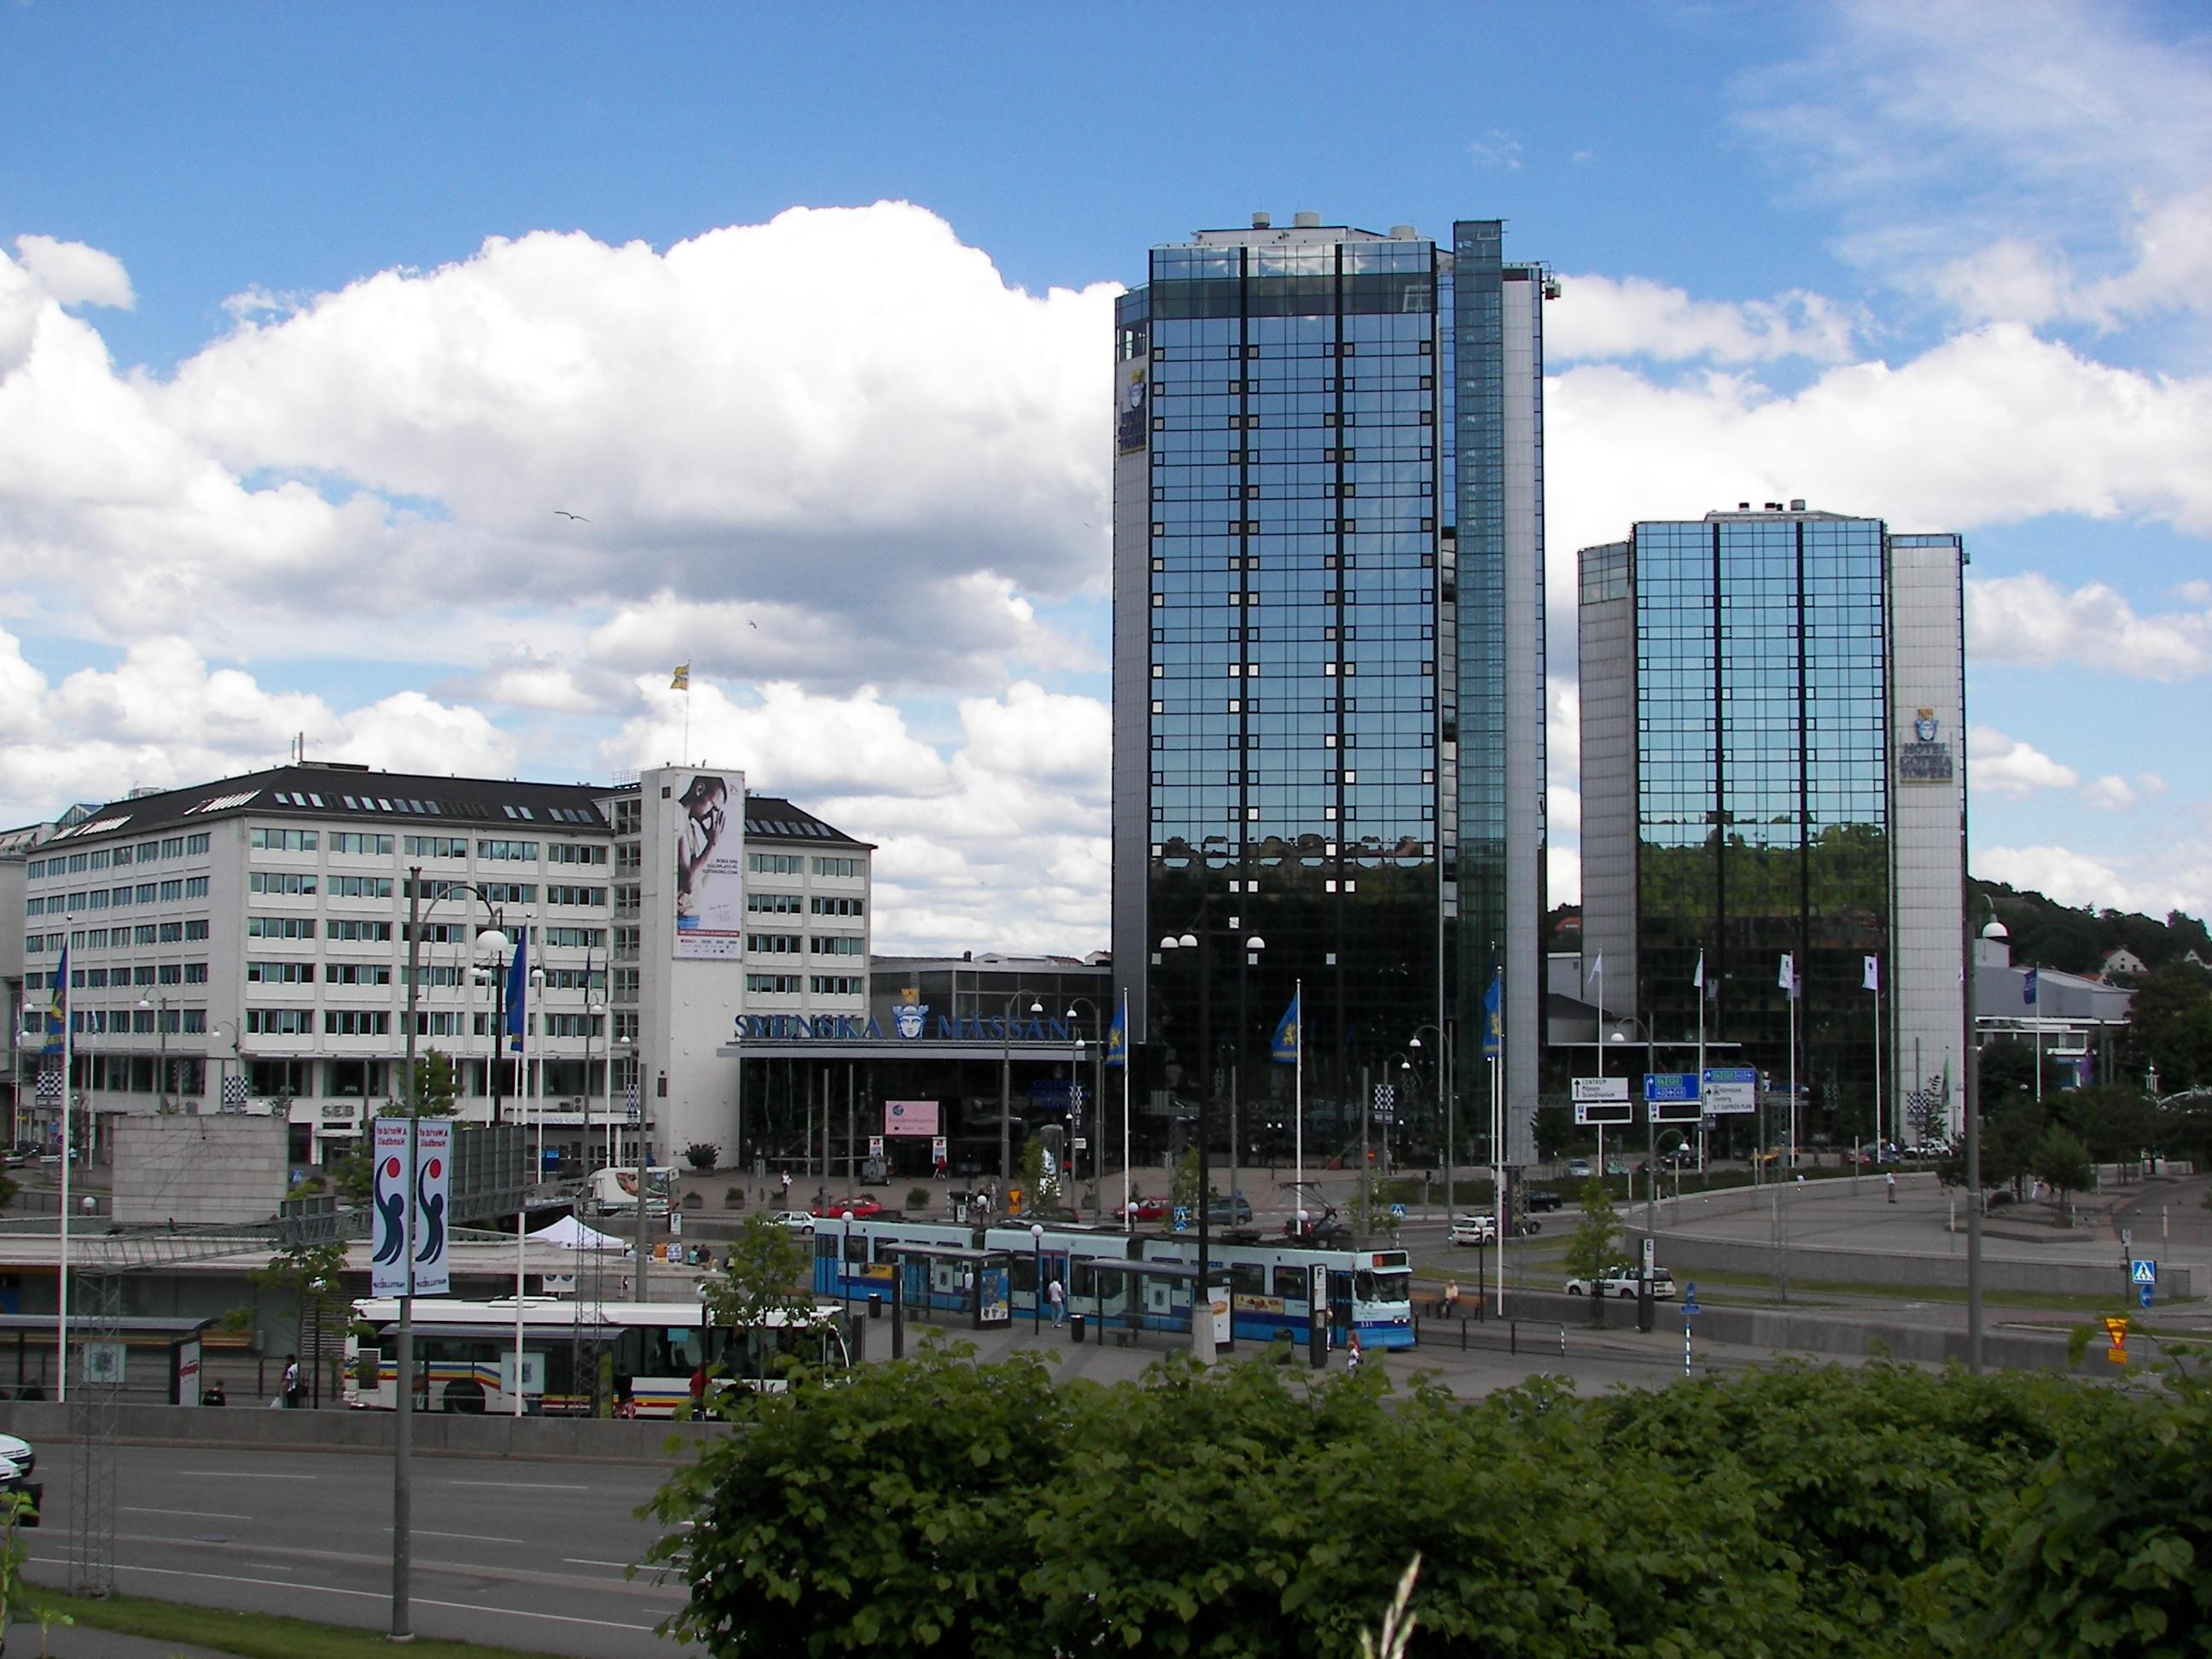 File:Svenska Mässan Gothia Towers.jpg - Wikimedia Commons